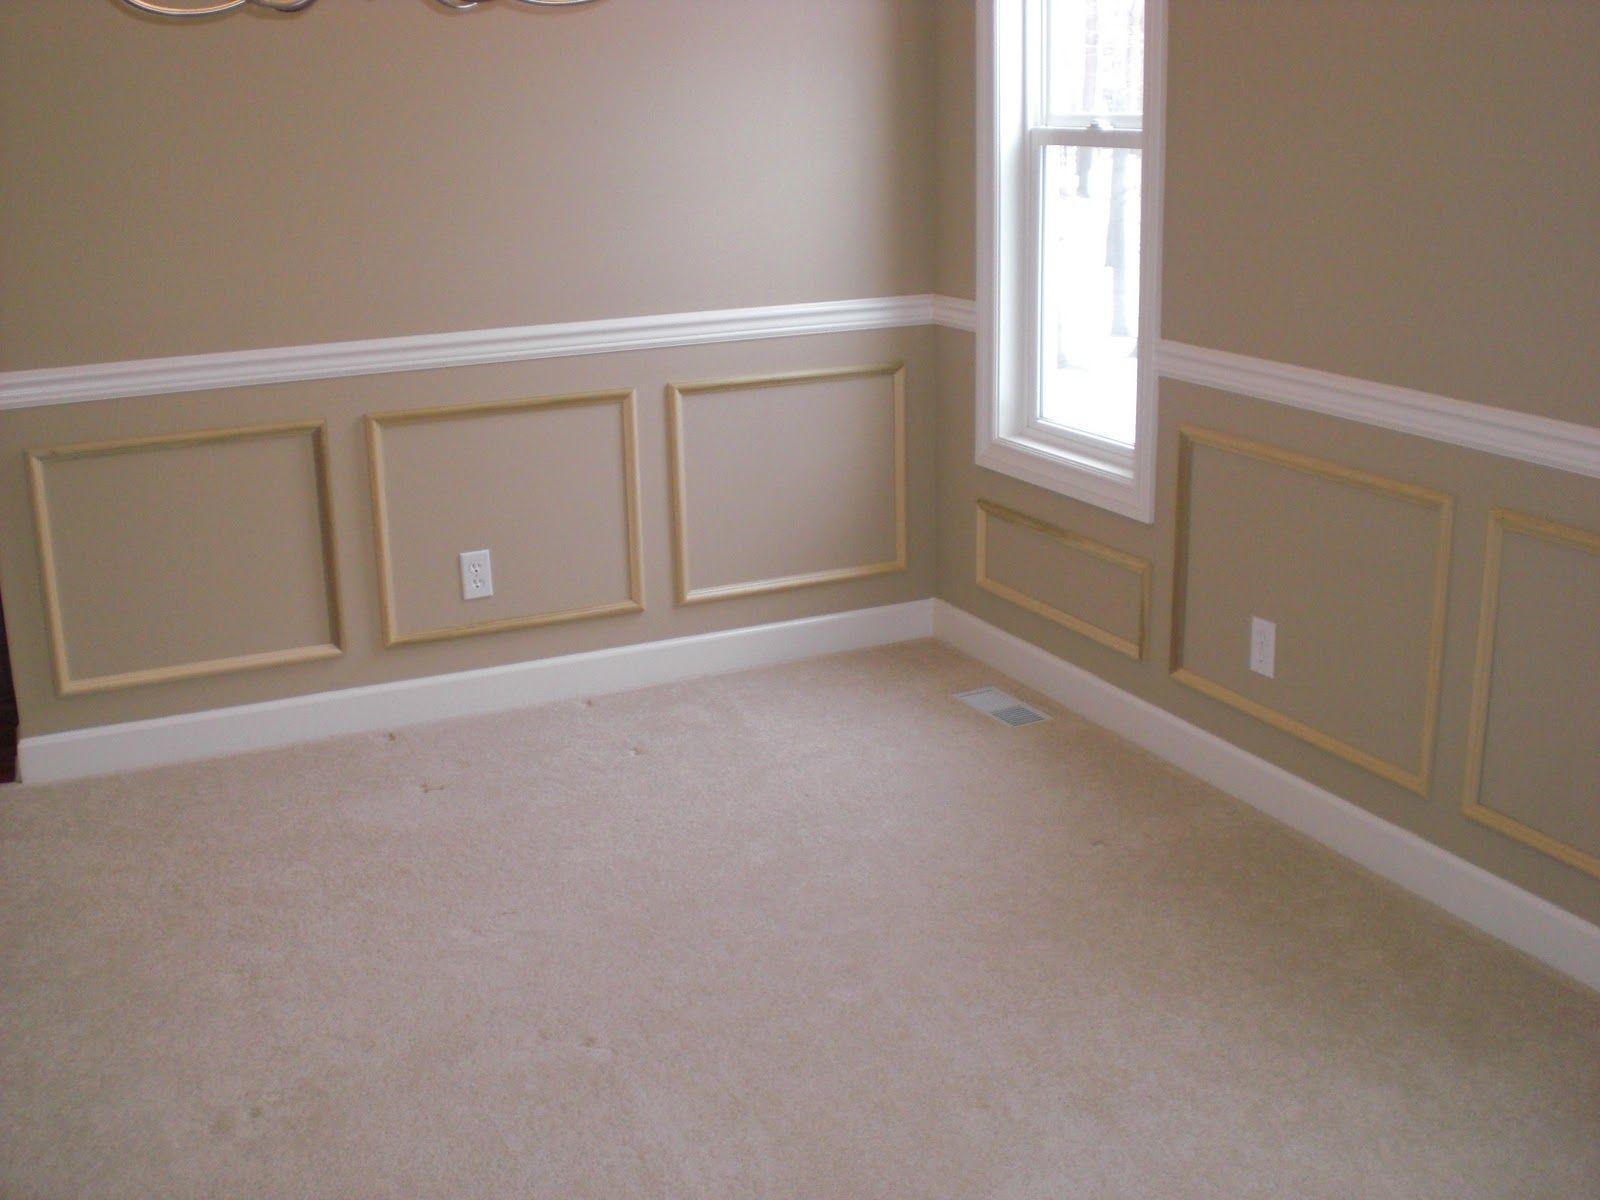 Room Karen At Home DIY Wainscoting Wallpaper